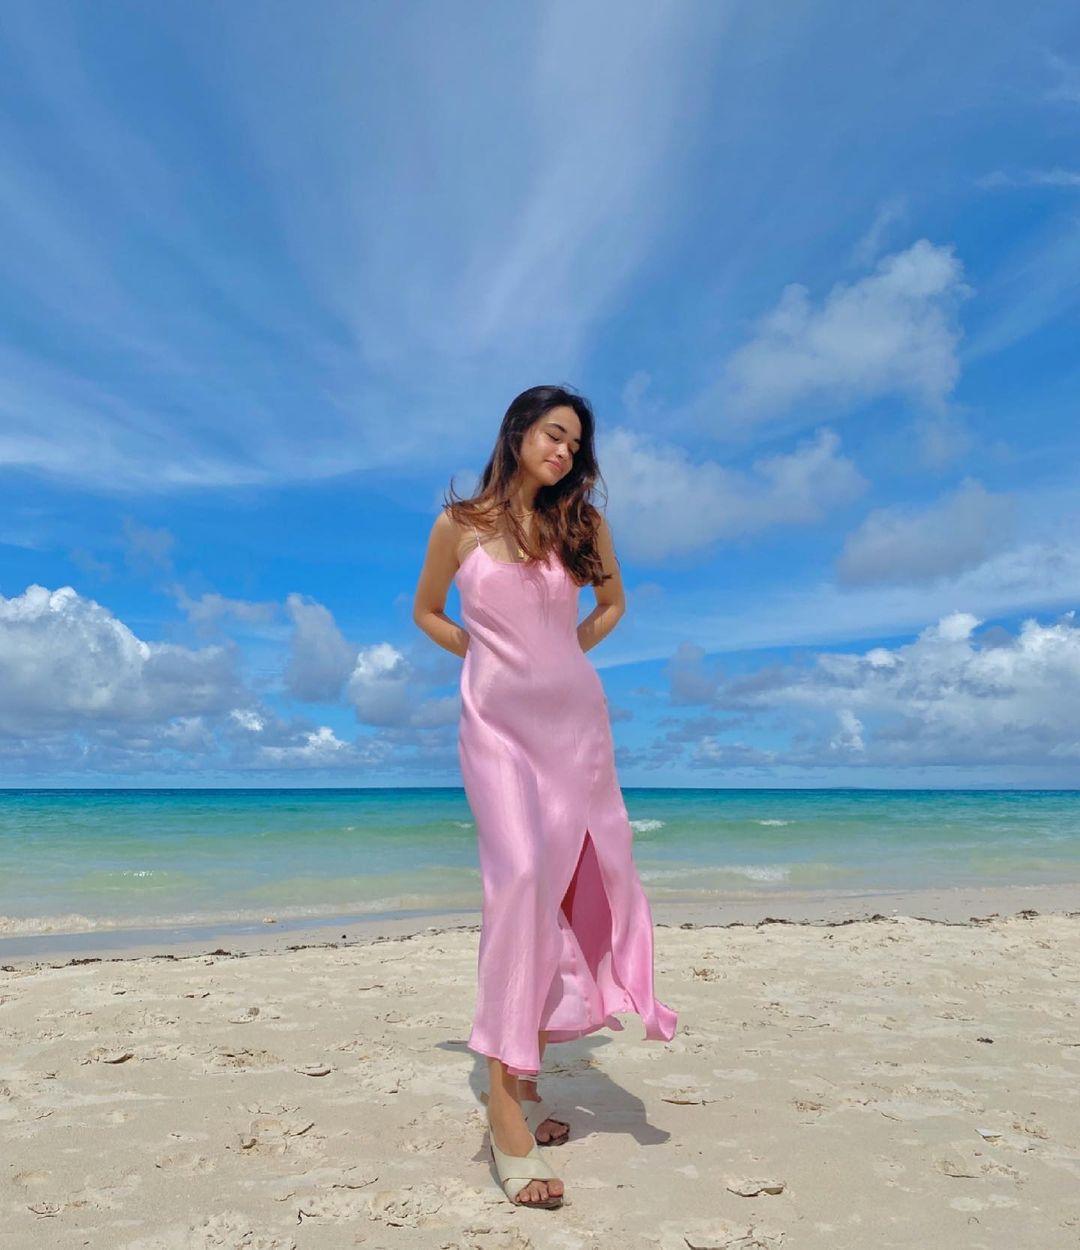 angelina cruz colorful beach ootds